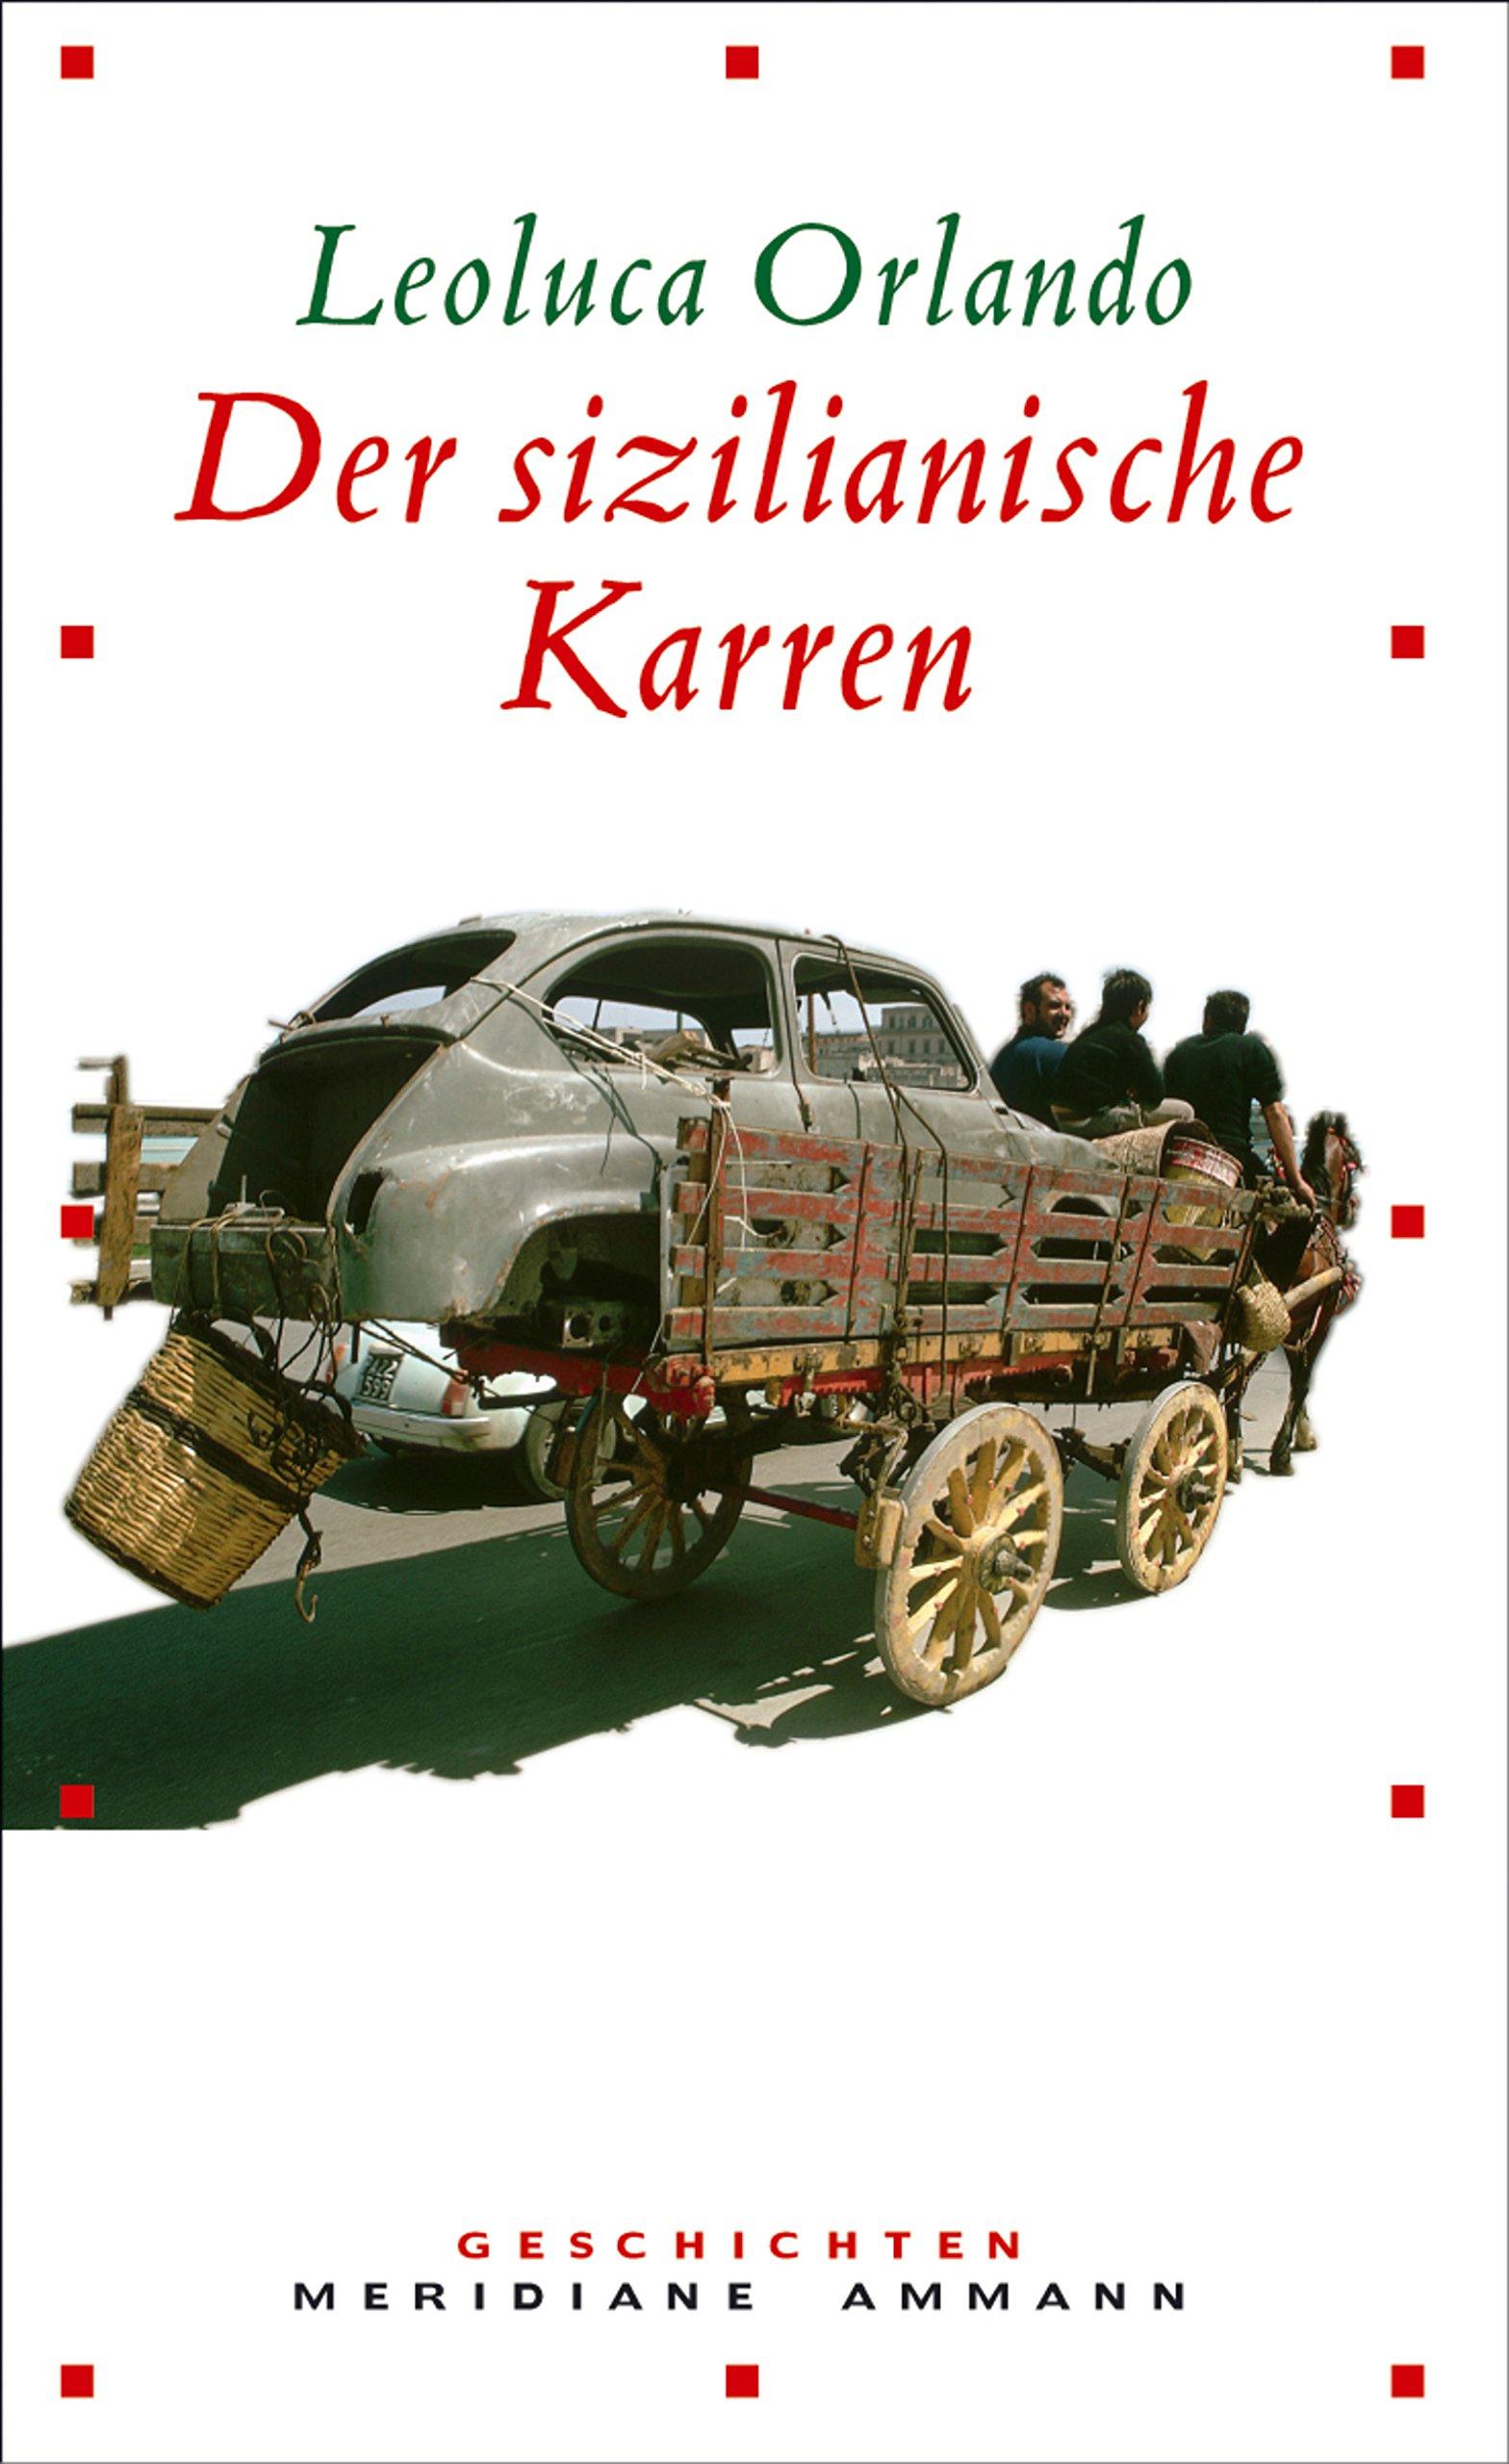 Der sizilianische Karren: Geschichten (Meridiane) Gebundenes Buch – 1. Juli 2004 Leoluca Orlando Ralph Giordano Ammann 3250600636